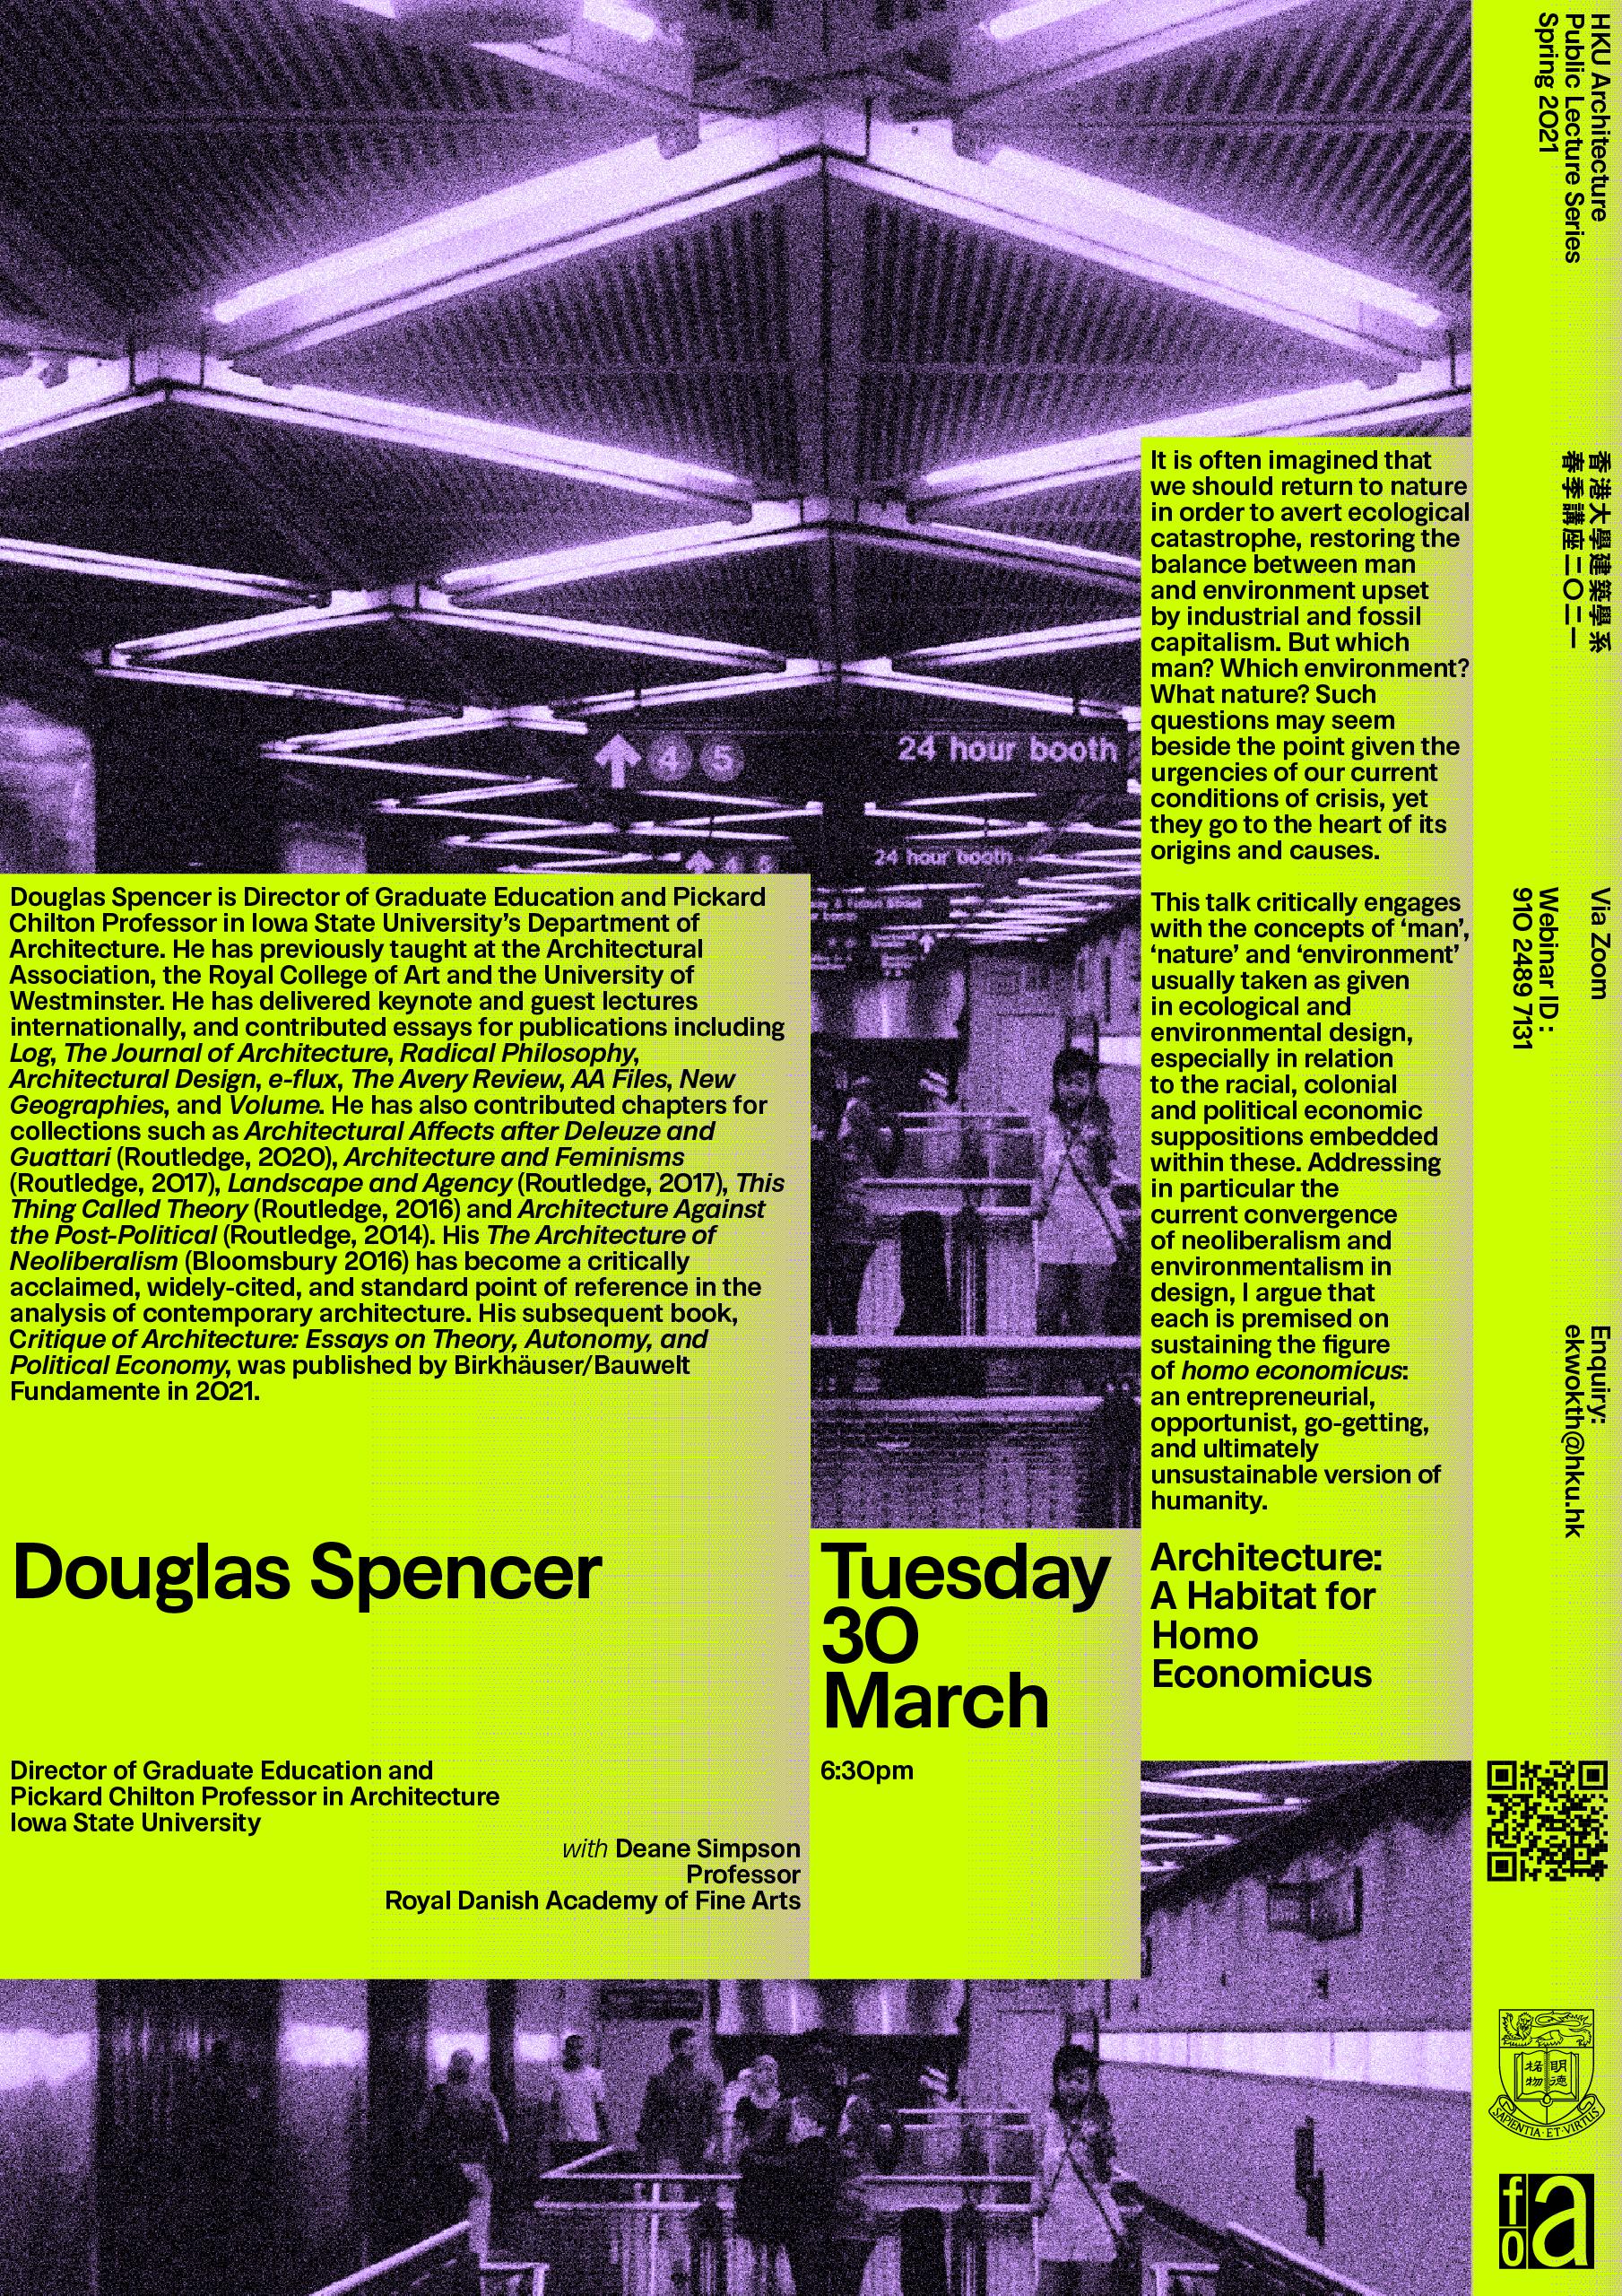 Douglas Spencer